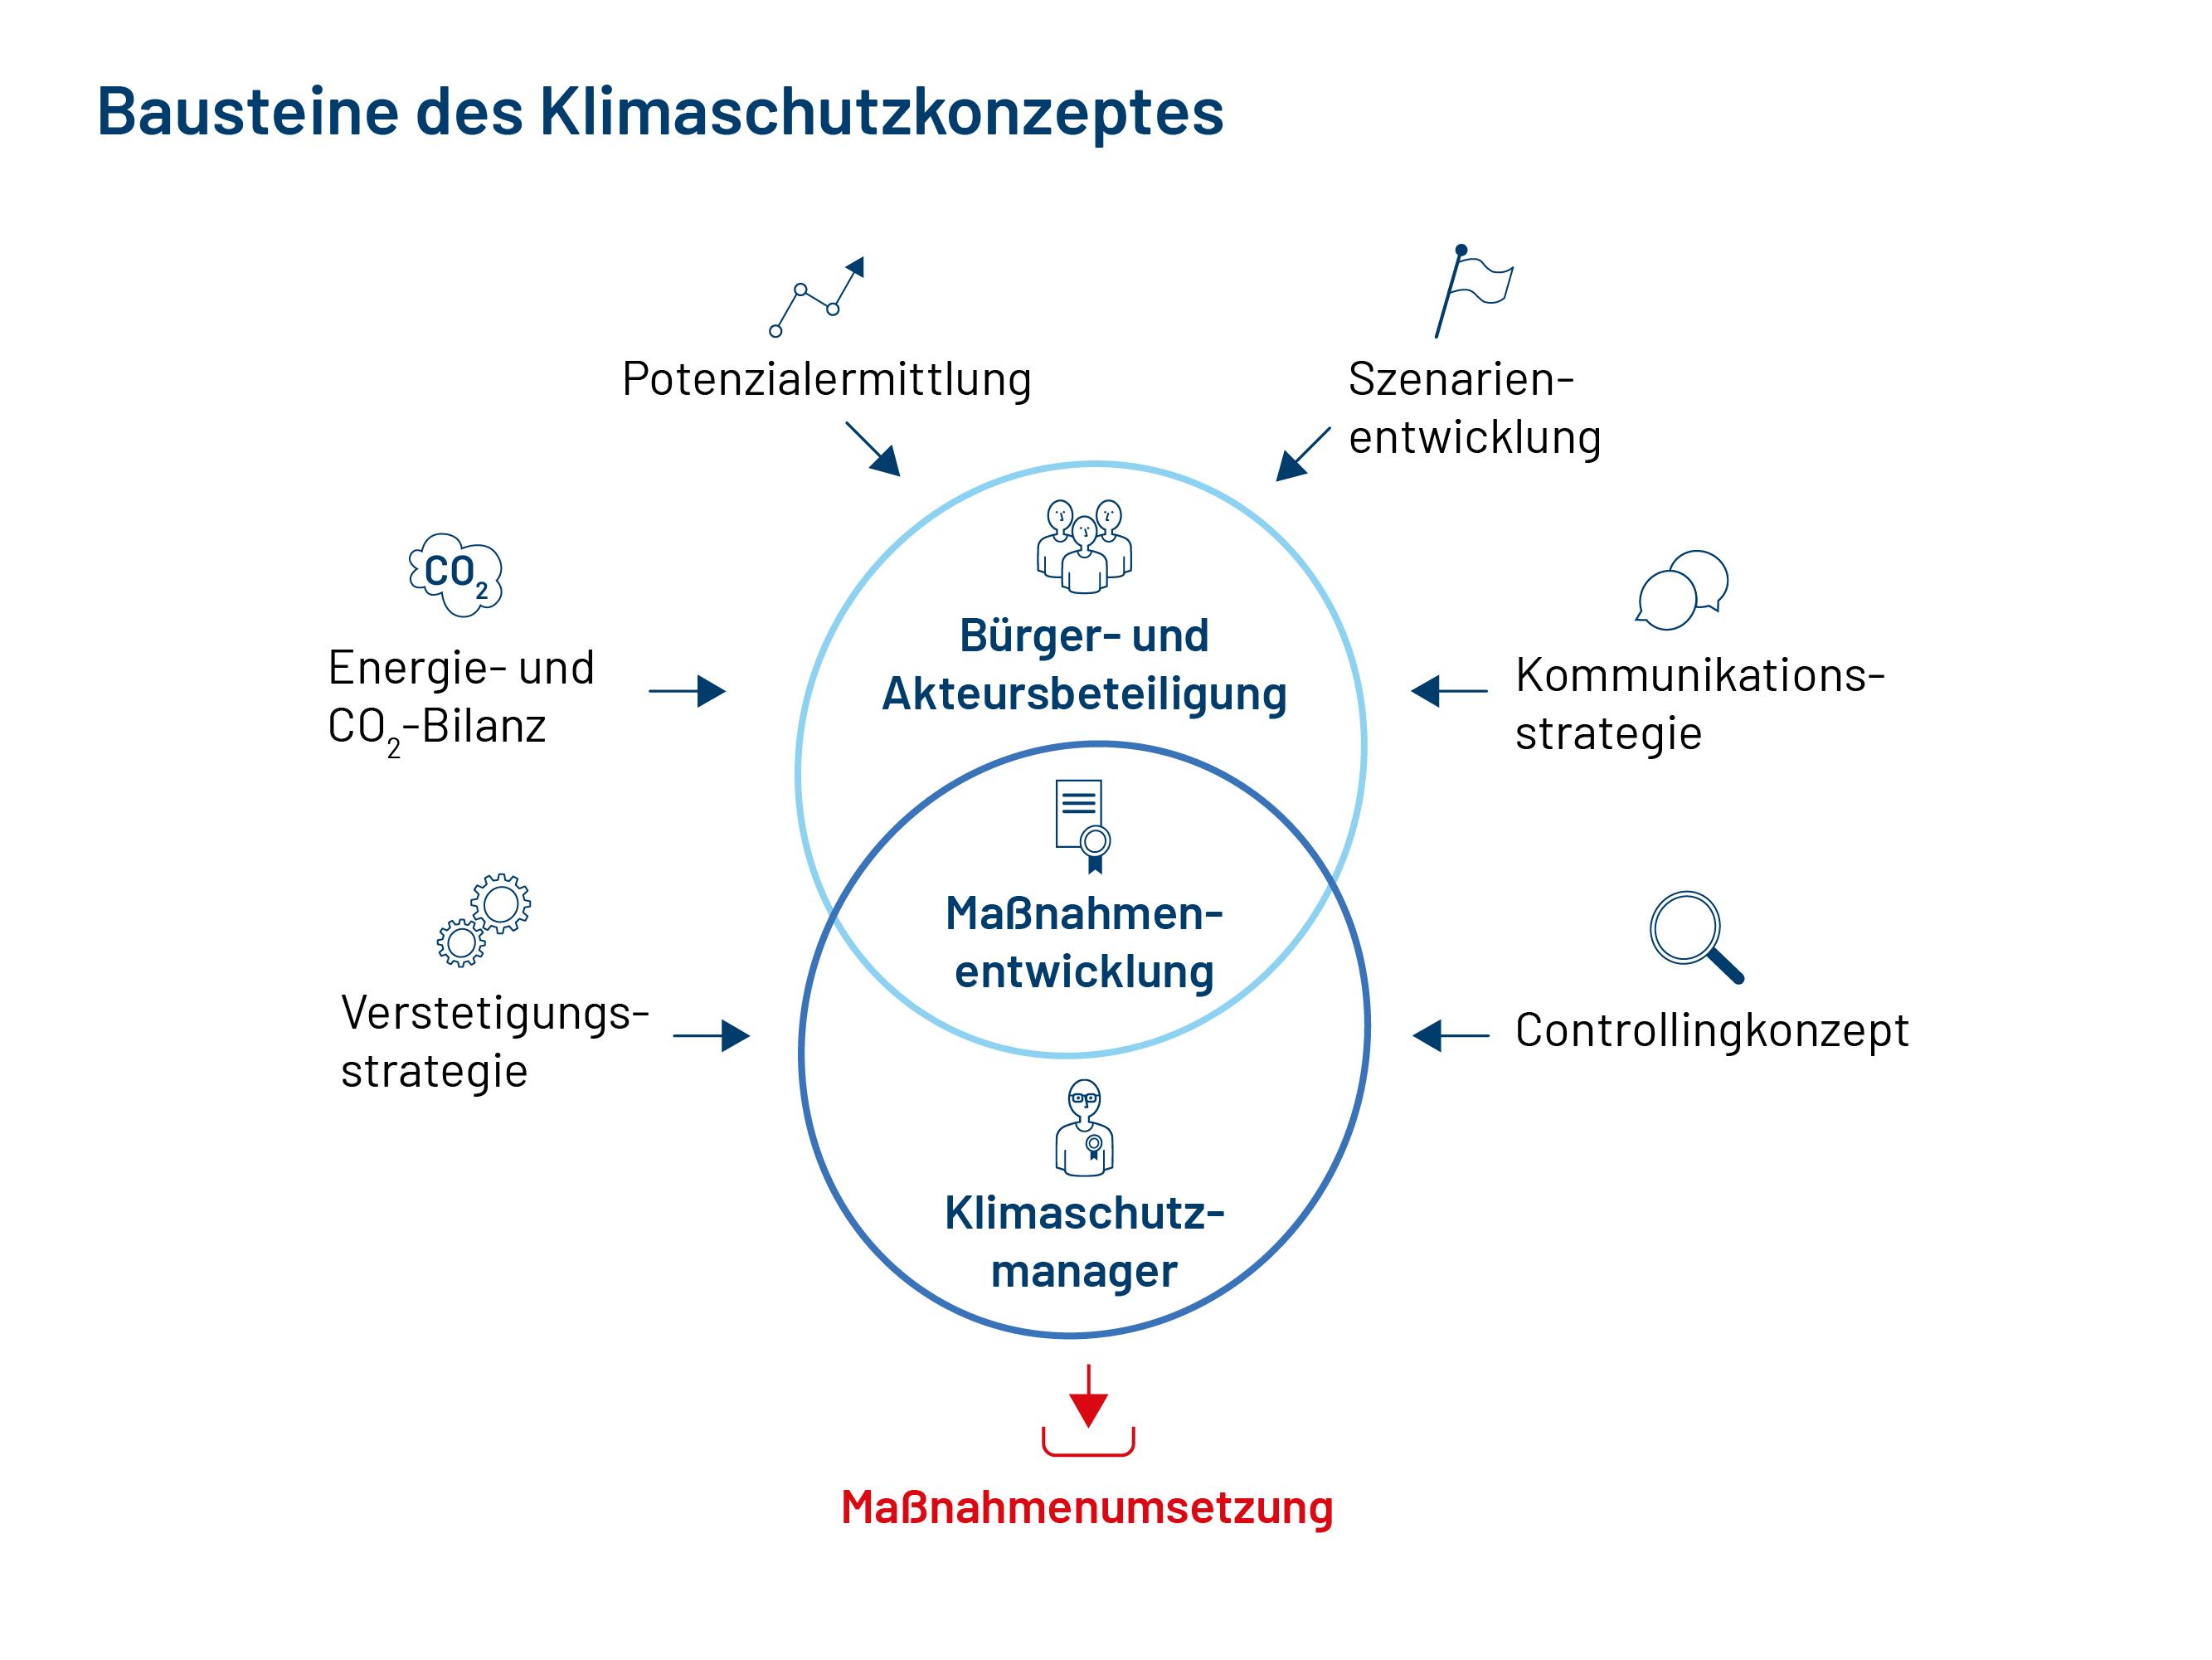 Bausteine des Klimaschutzkonzeptes: Bürger- und Akteursbeteiligung, Maßnahmenentwicklung, Klimaschutzmanager & Masßnahmenumsetzung